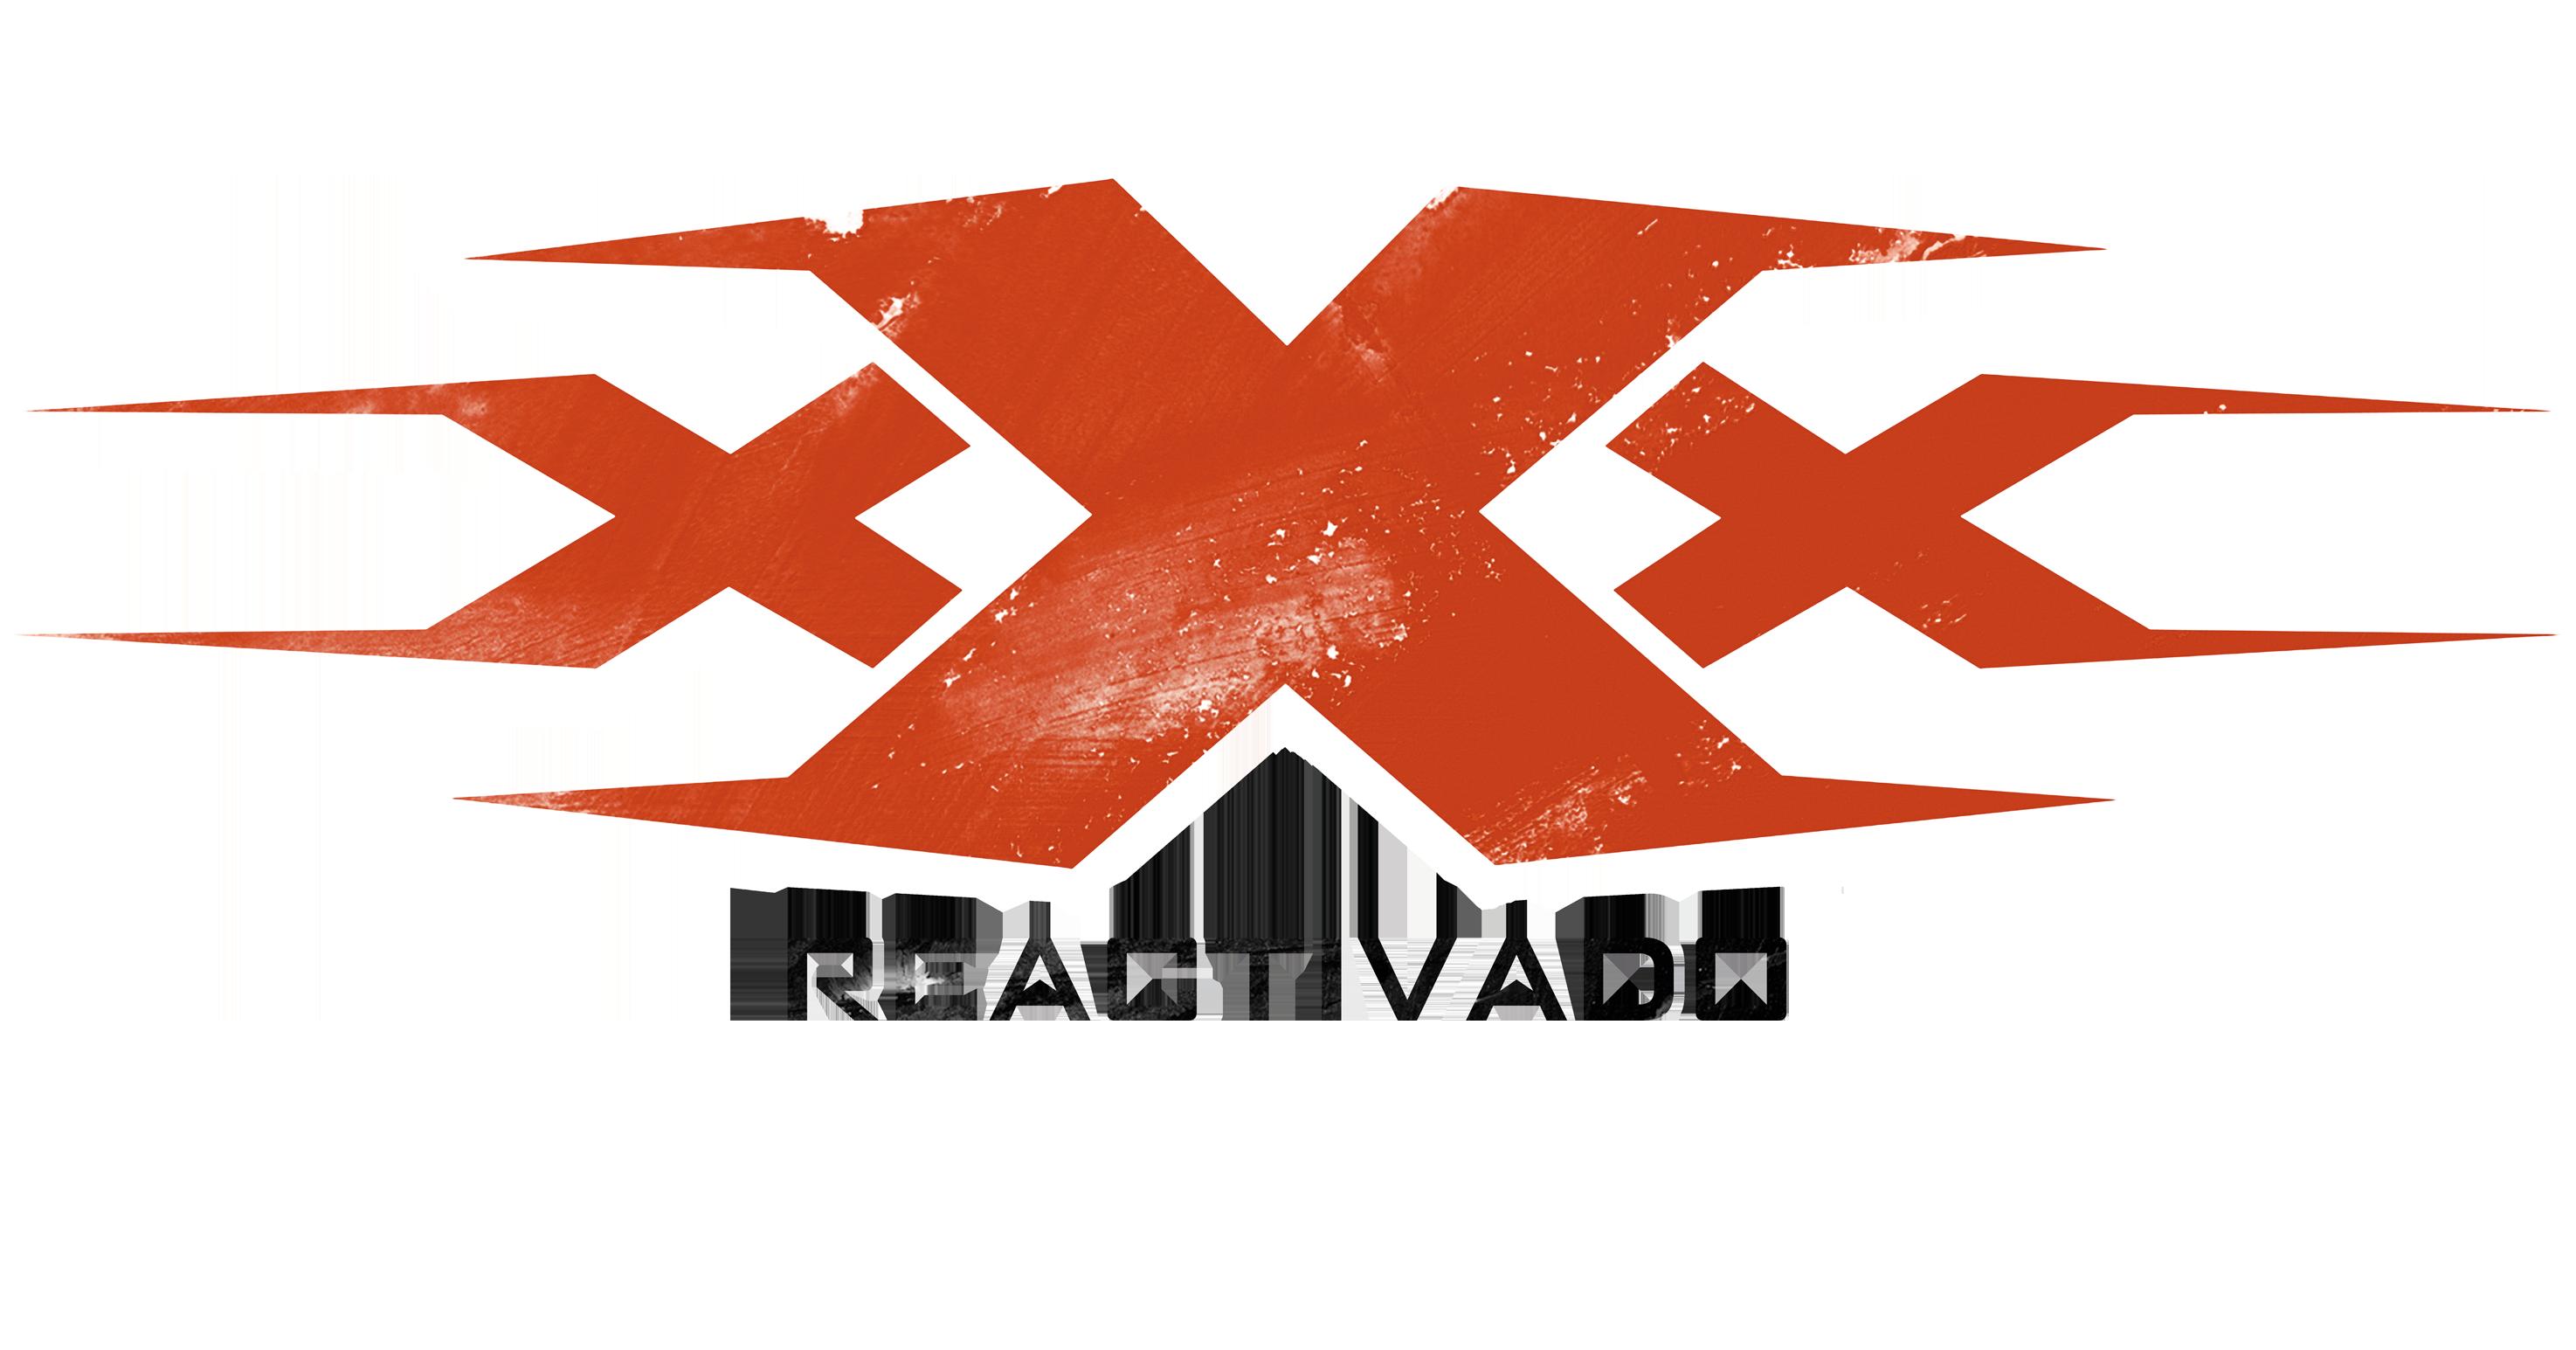 Xxx reactivado for Xxx en la oficina